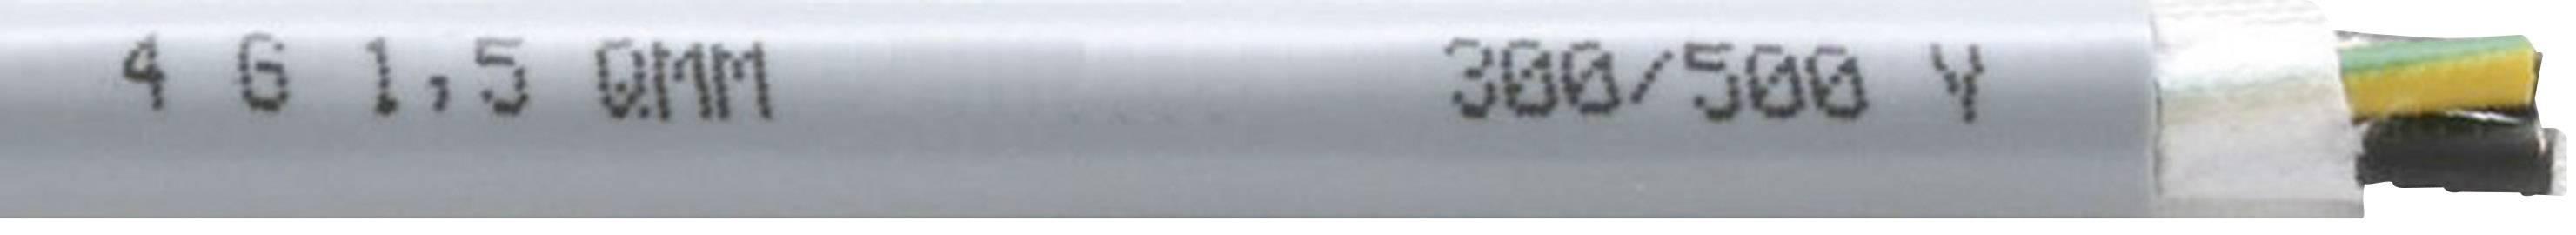 Tažný kabel Faber Kabel EFK 310 Y 310 UL/CSA-SCHLEPPLTG.PVC/PVC (035425), 4x 0,5 mm², PVC, Ø 6,9 mm, nestíněný